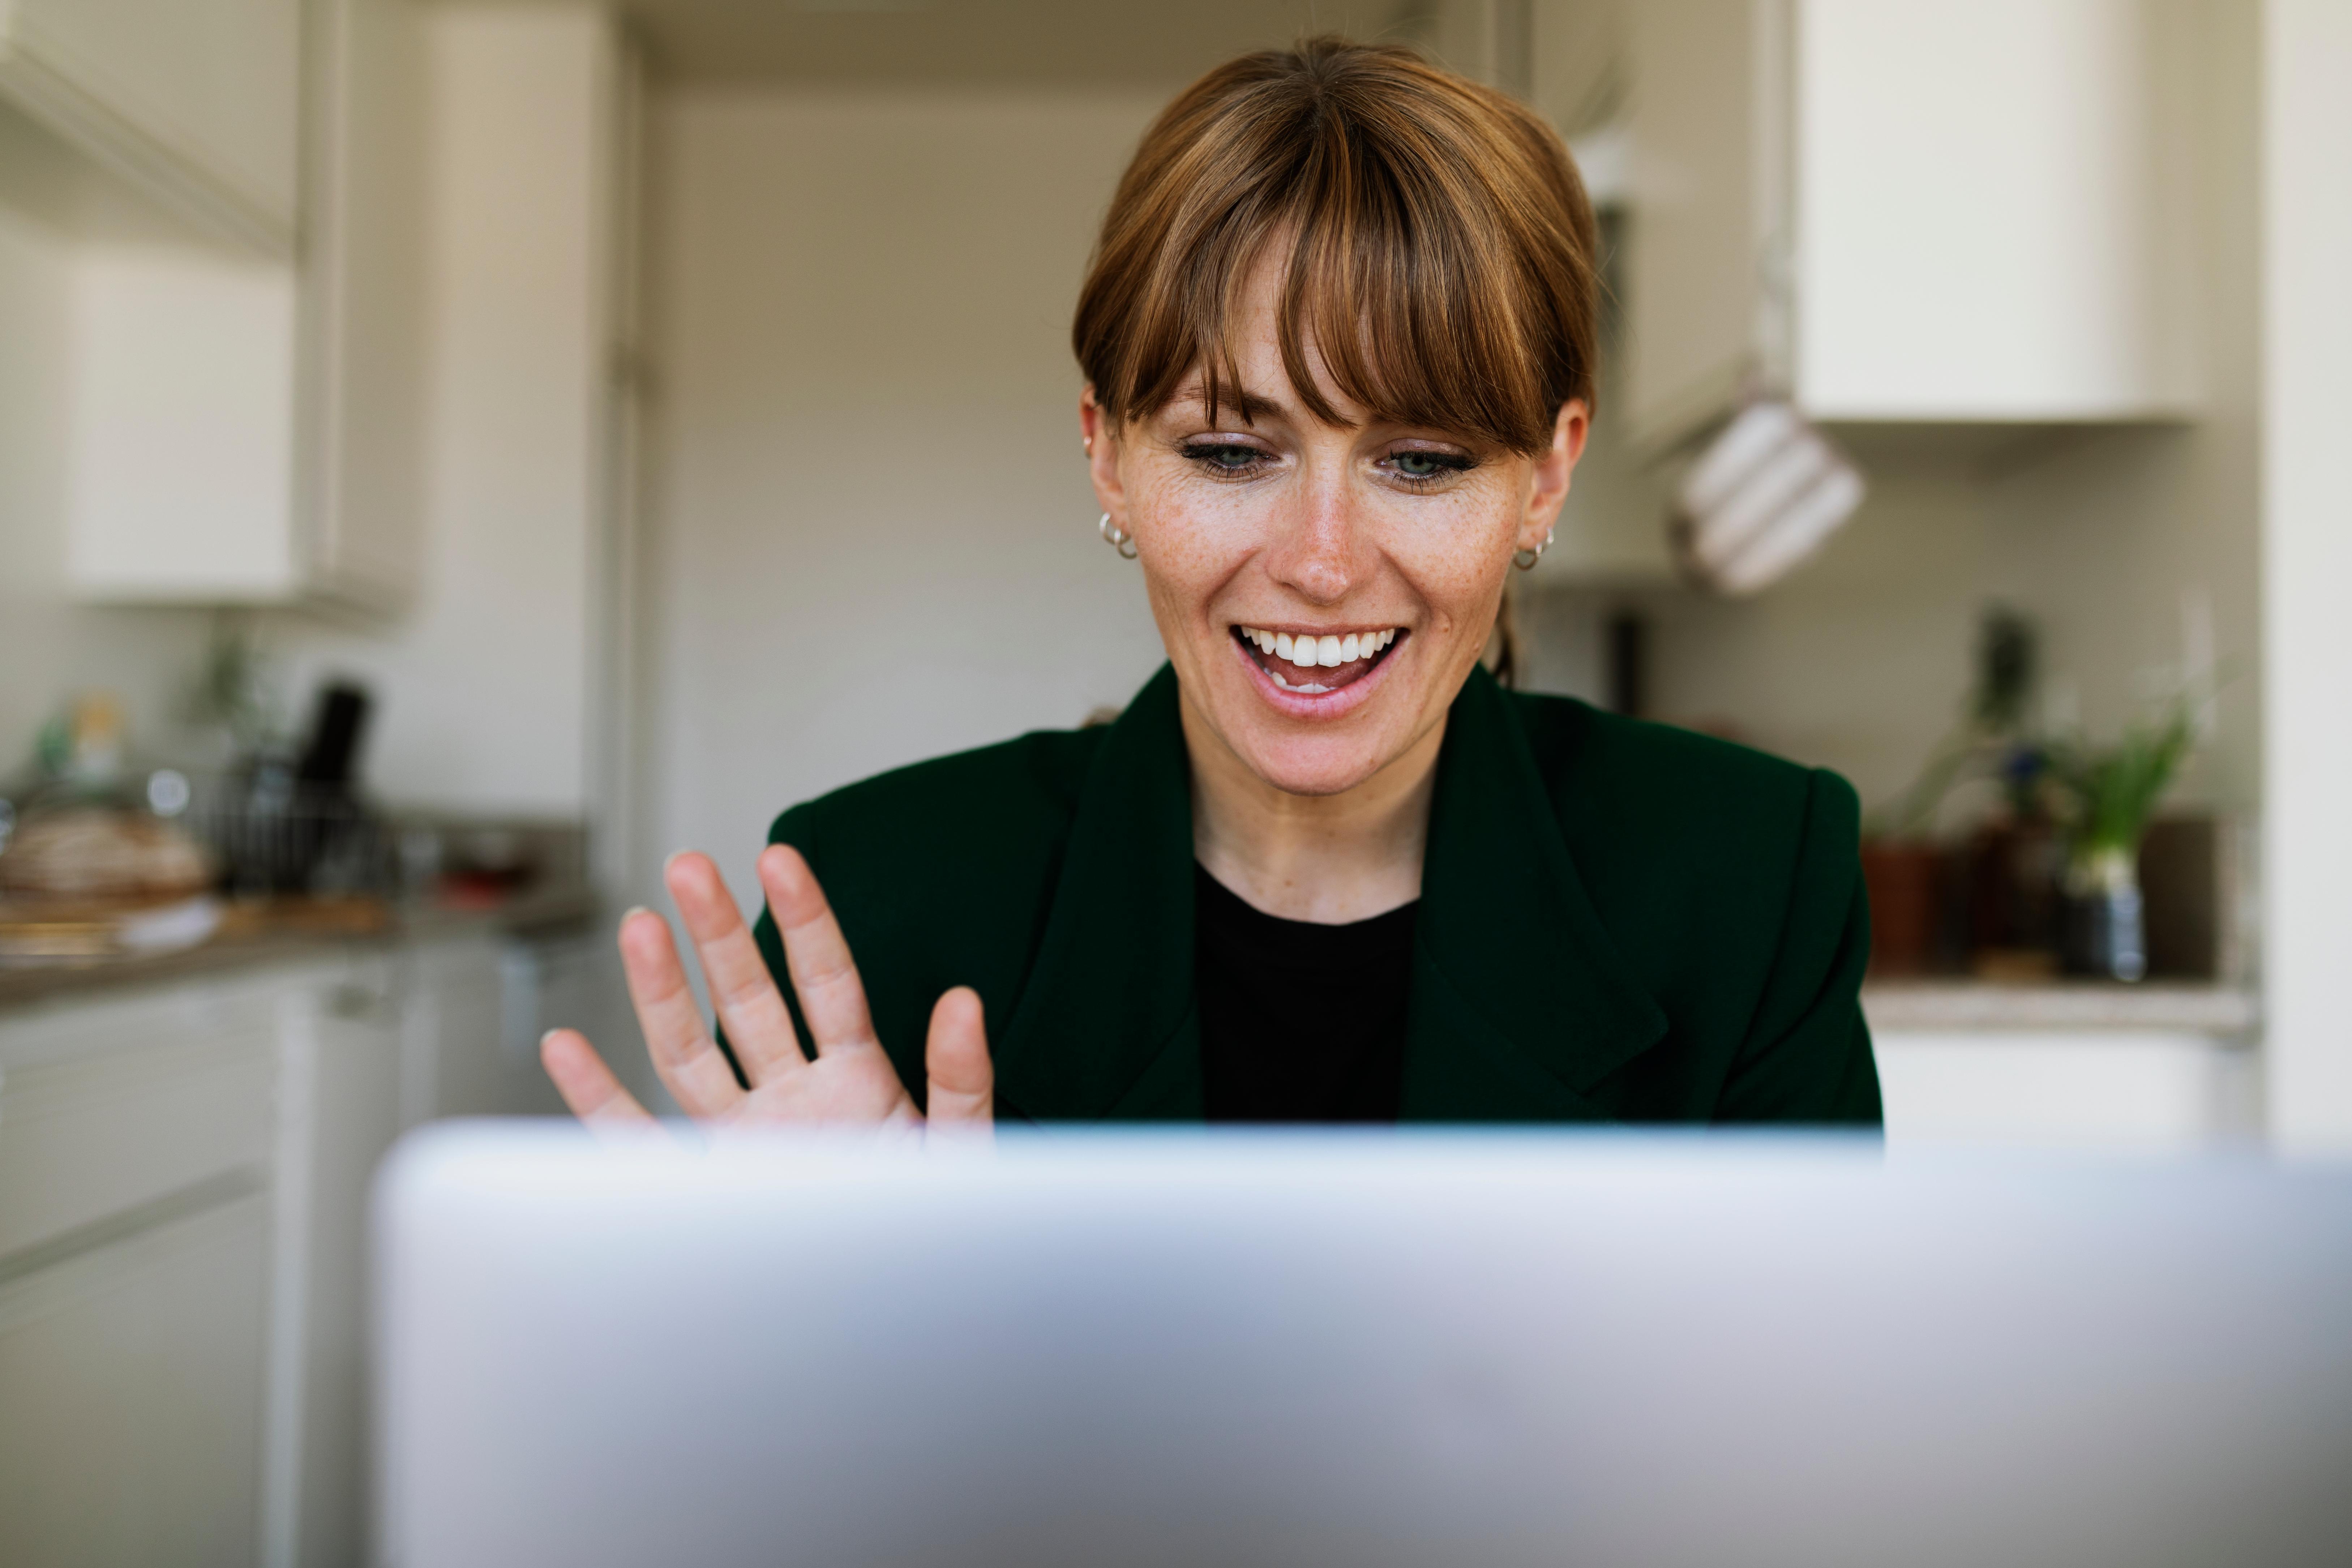 woman veneers smiling